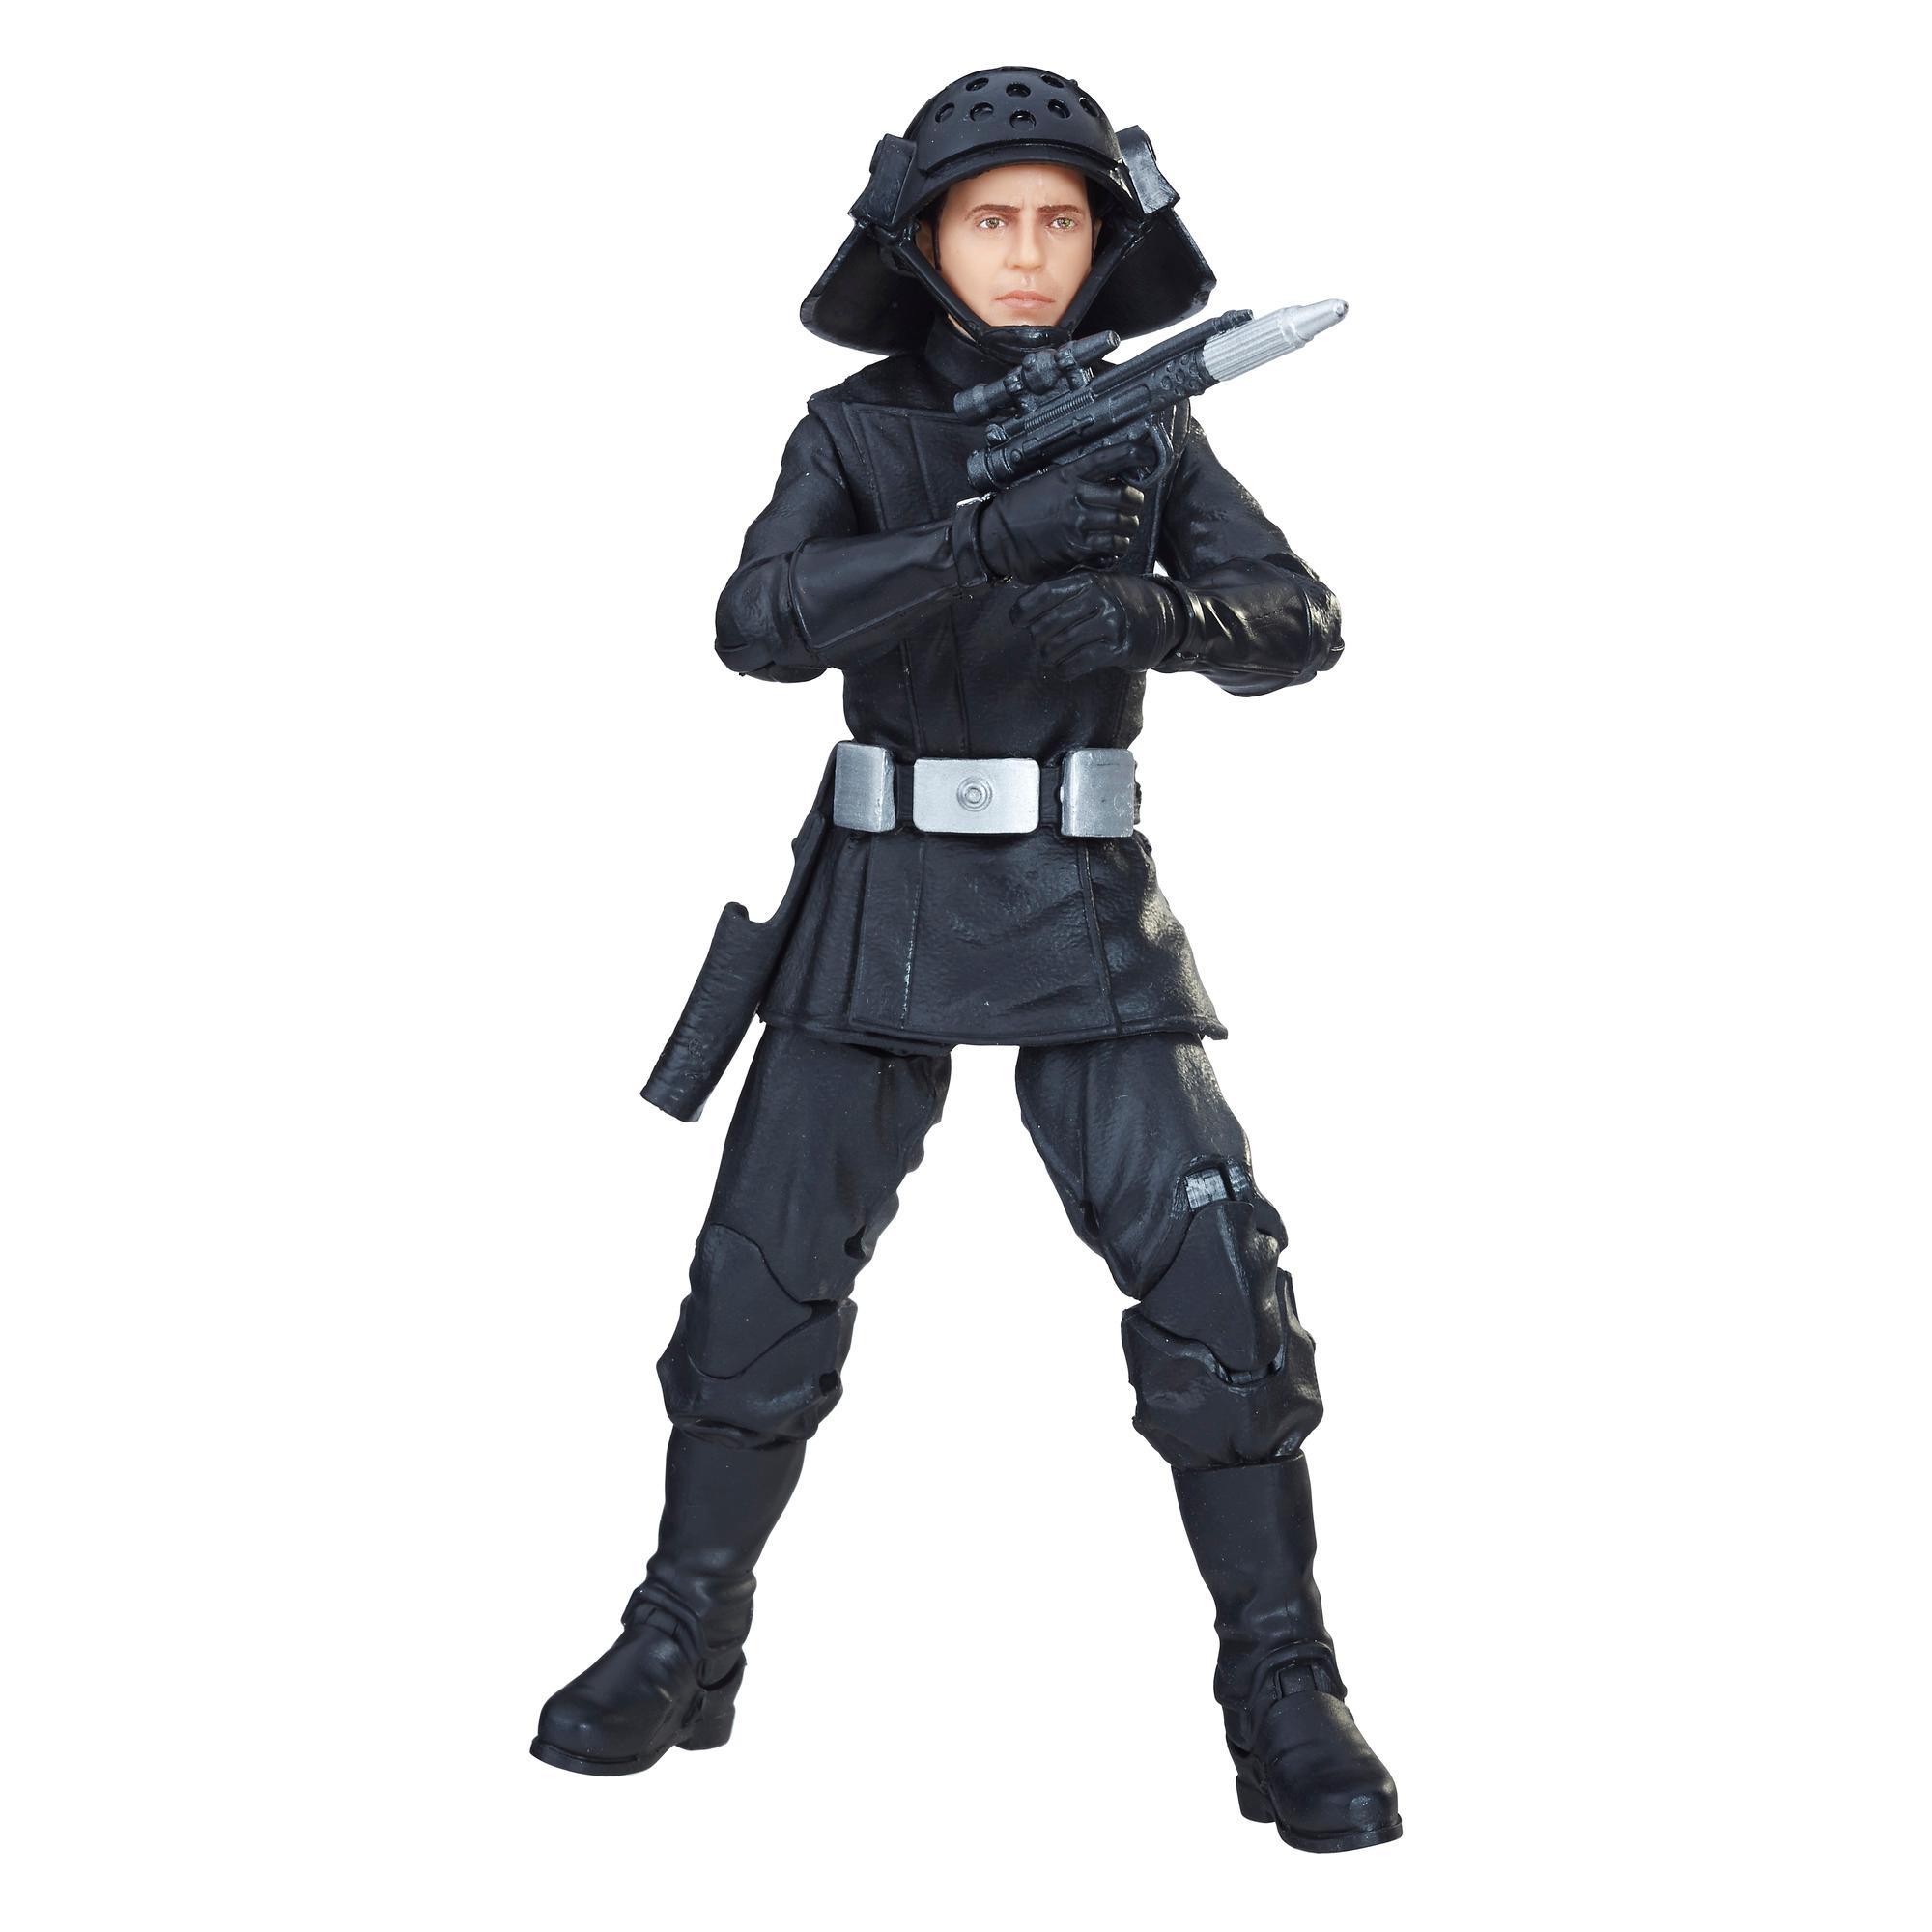 Star Wars The Black Series - soldado de la Estrella de la Muerte de 15 cm